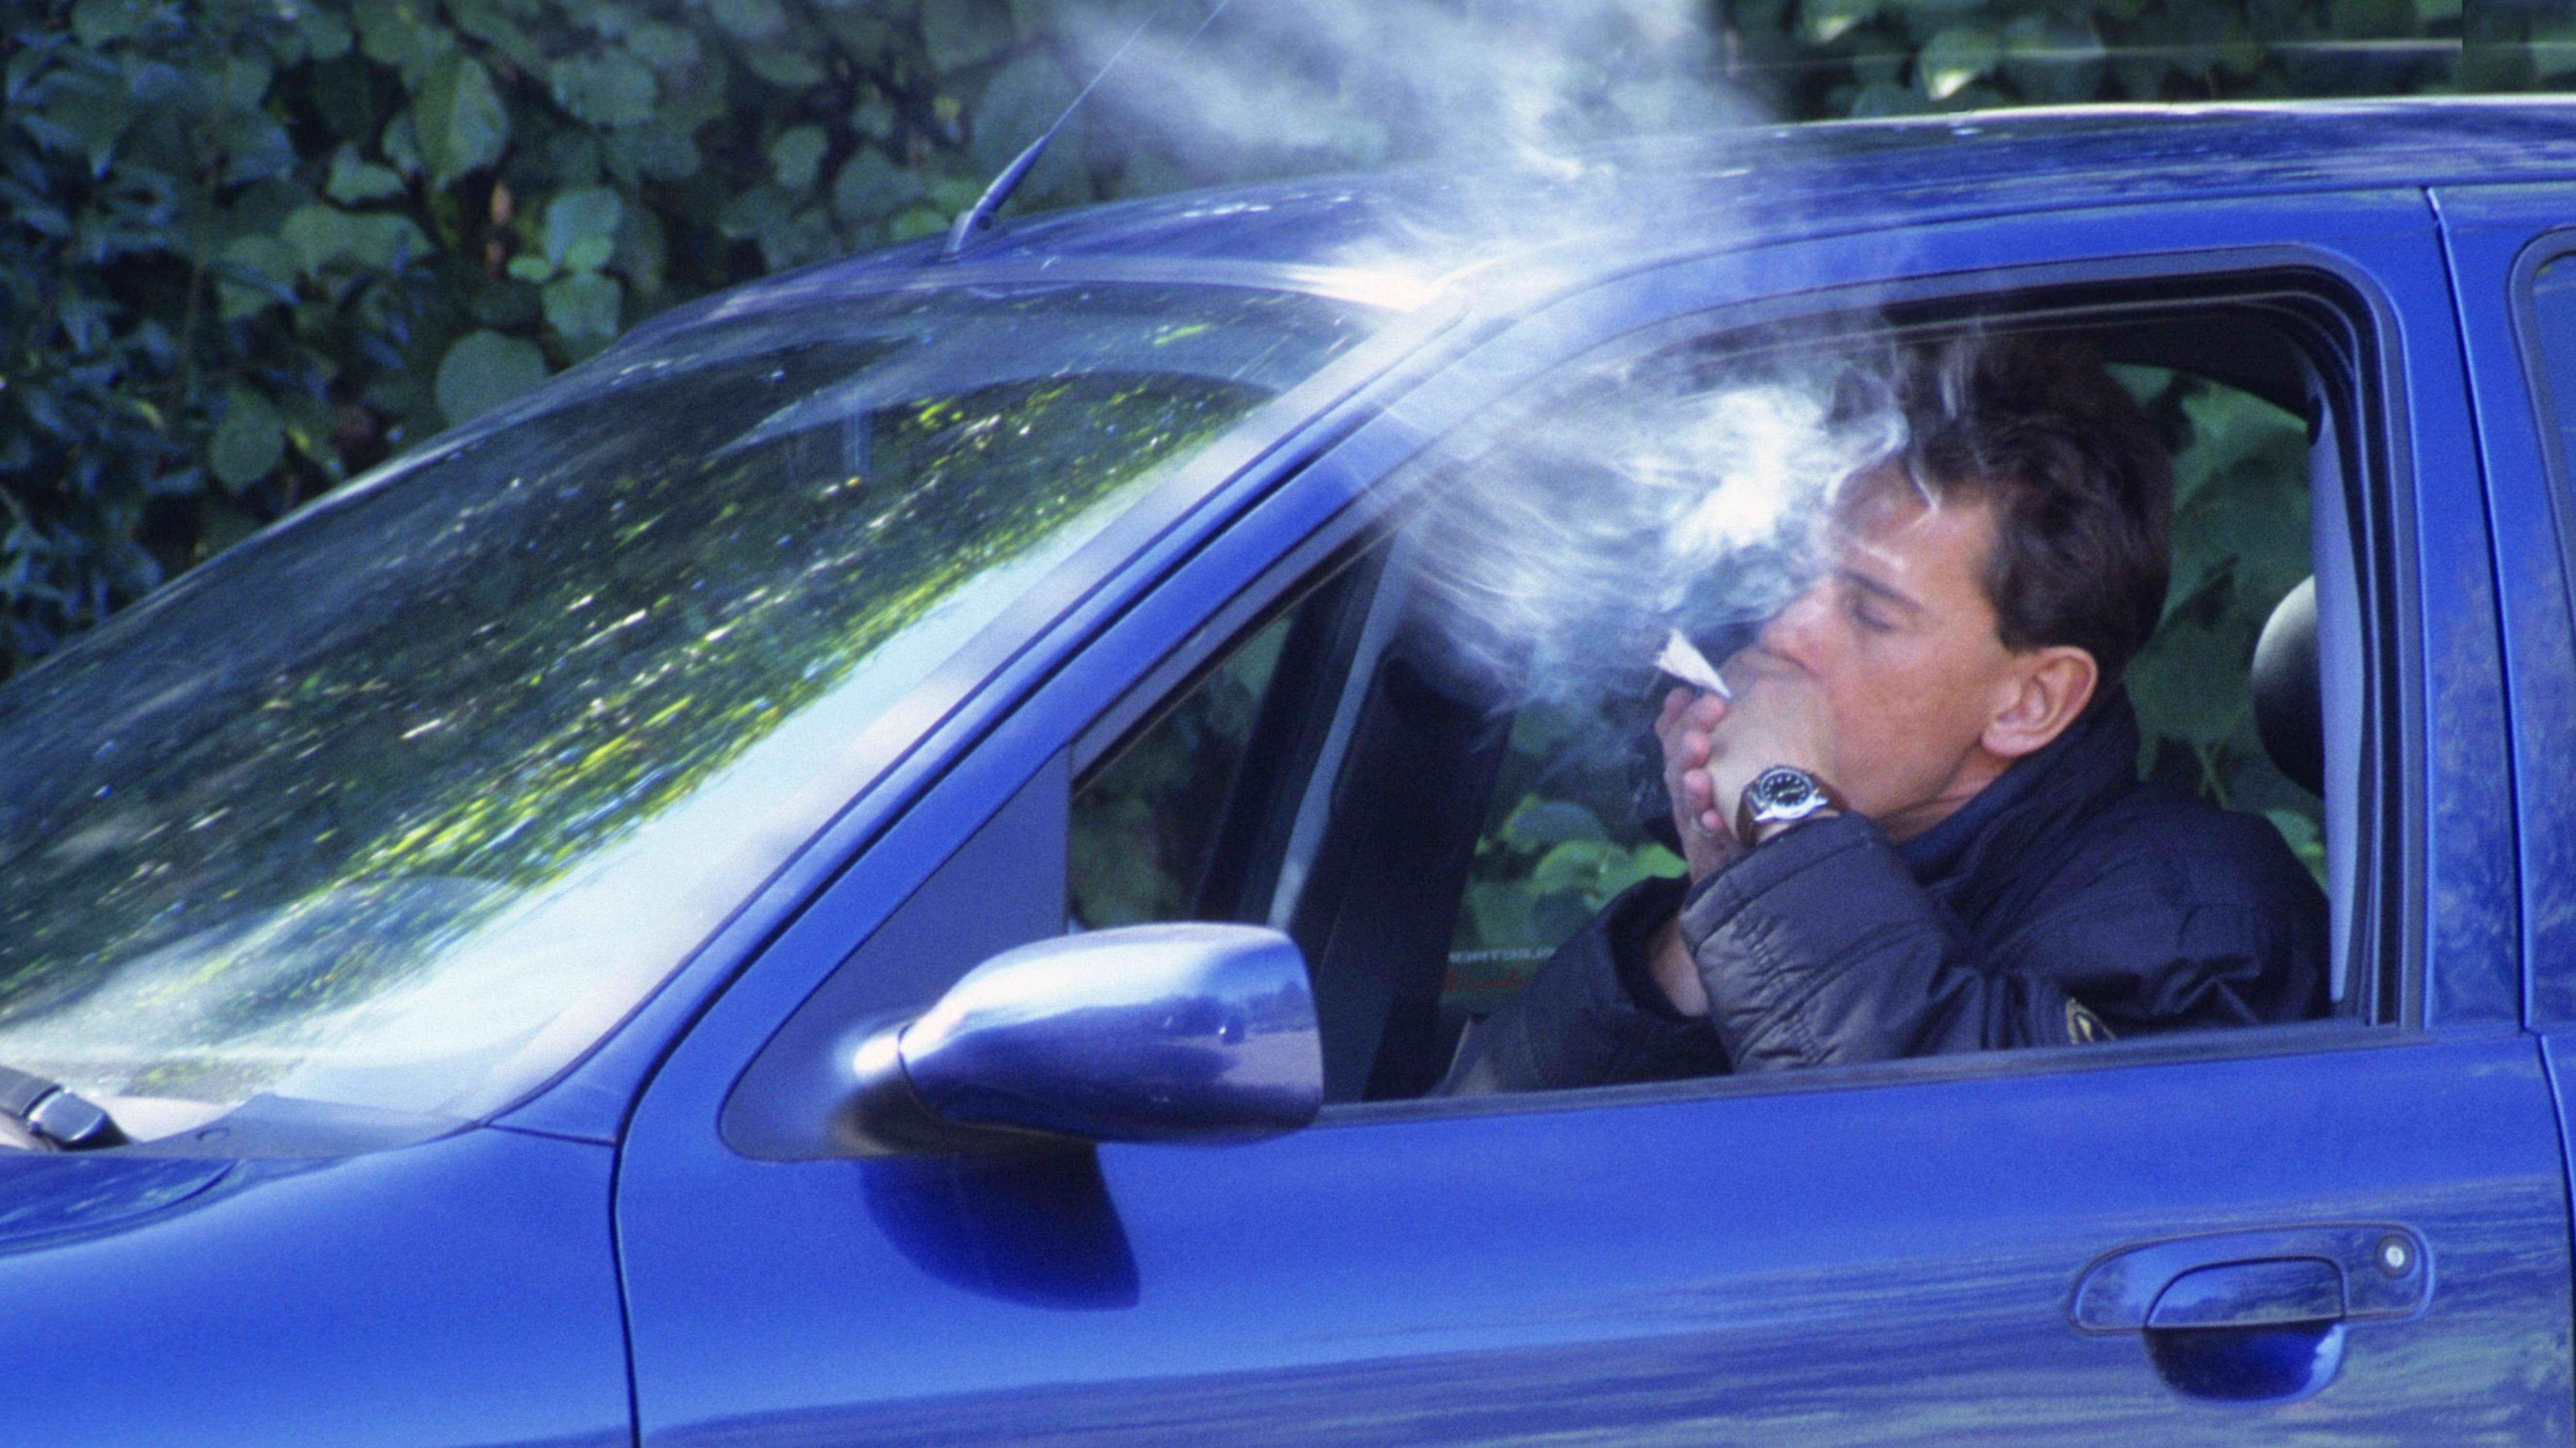 Autofahrer raucht einen Joint